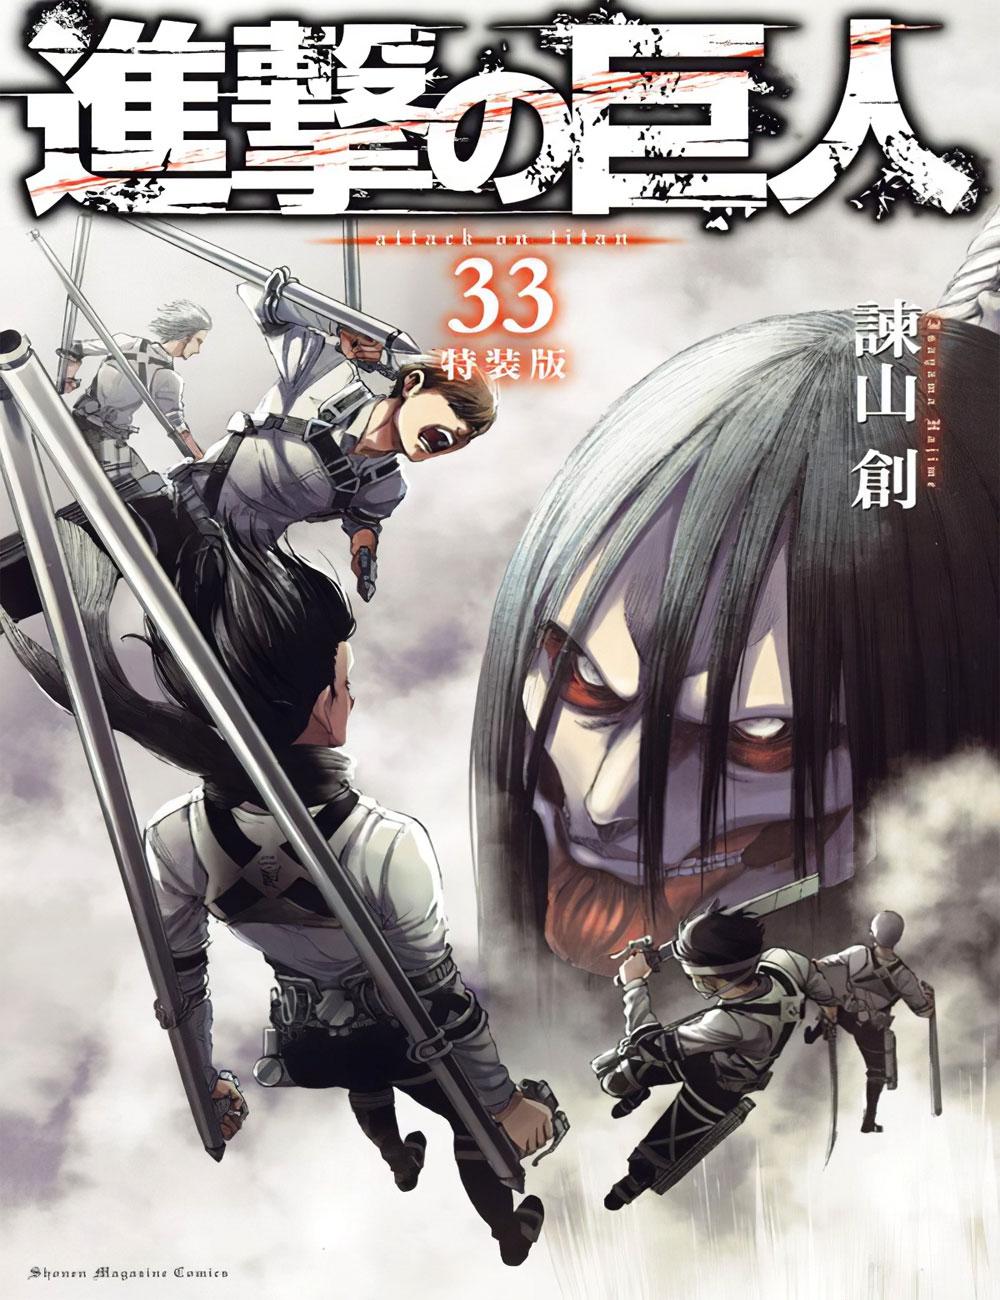 Shingeki no Kyojin portada del volumen 33